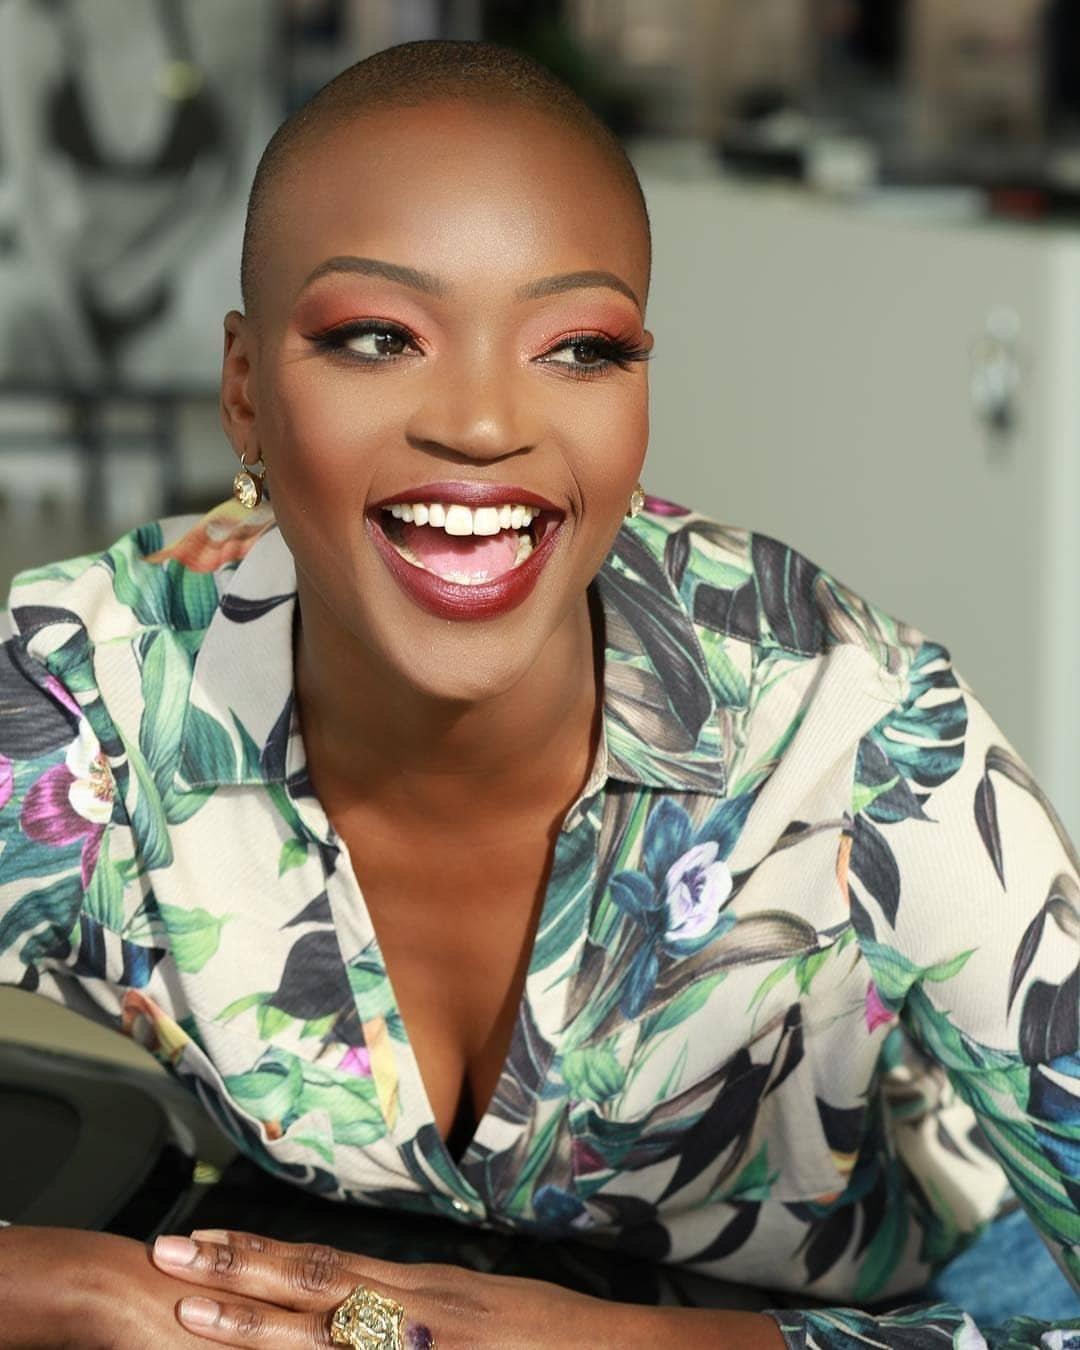 Miriam Odemba Kuwa Mstari Wa Mbele Kusheherekea Siku Ya Wanawake Duniani